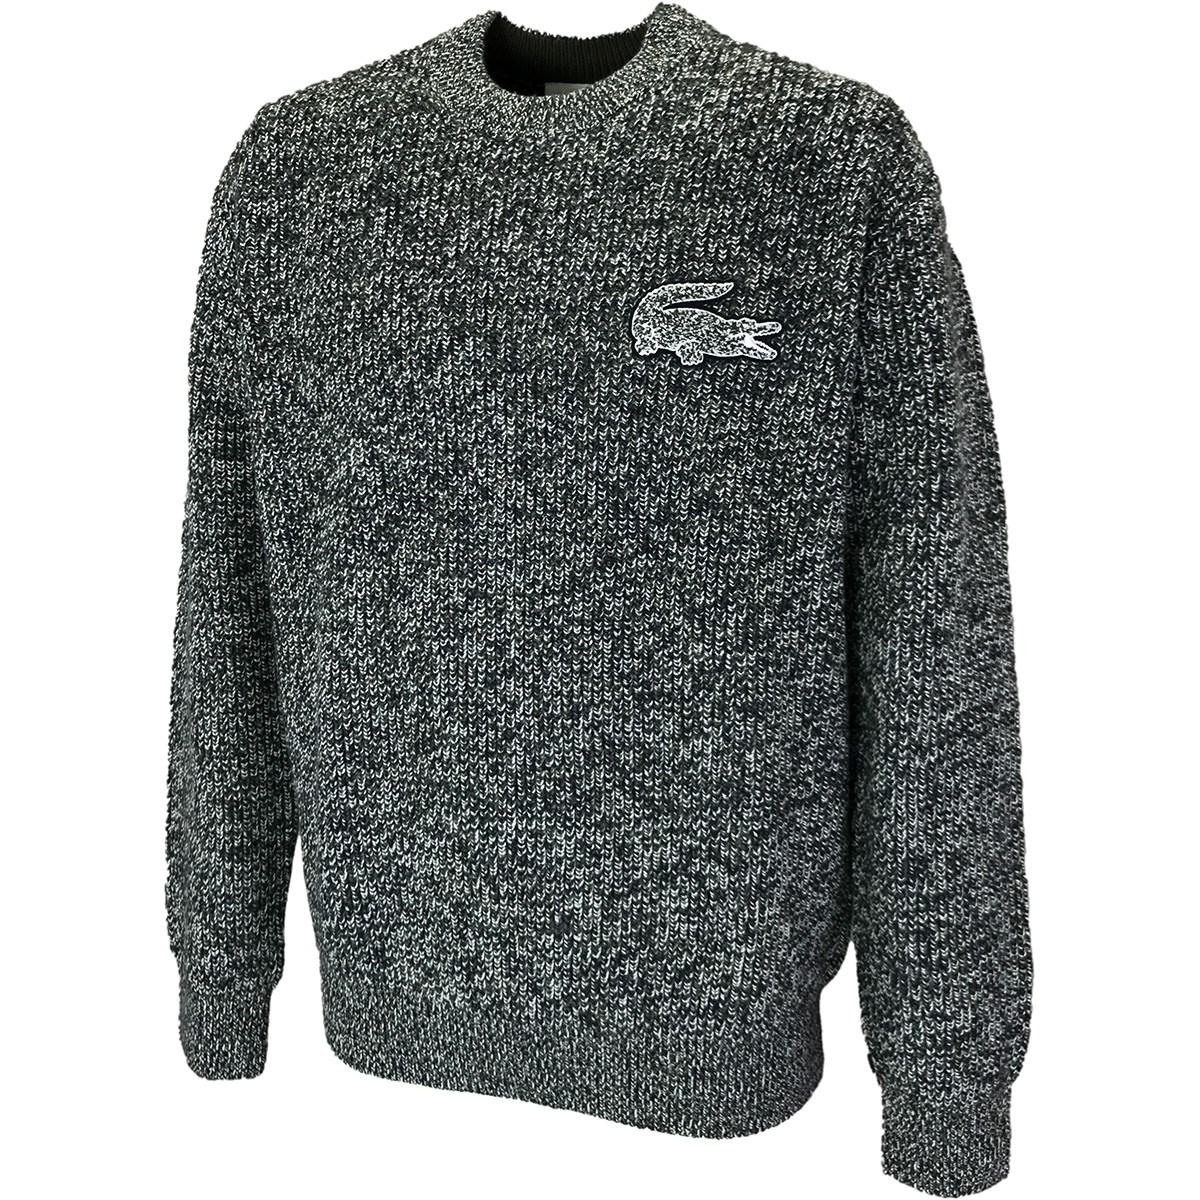 ラコステ ワニロゴパッチニットセーター